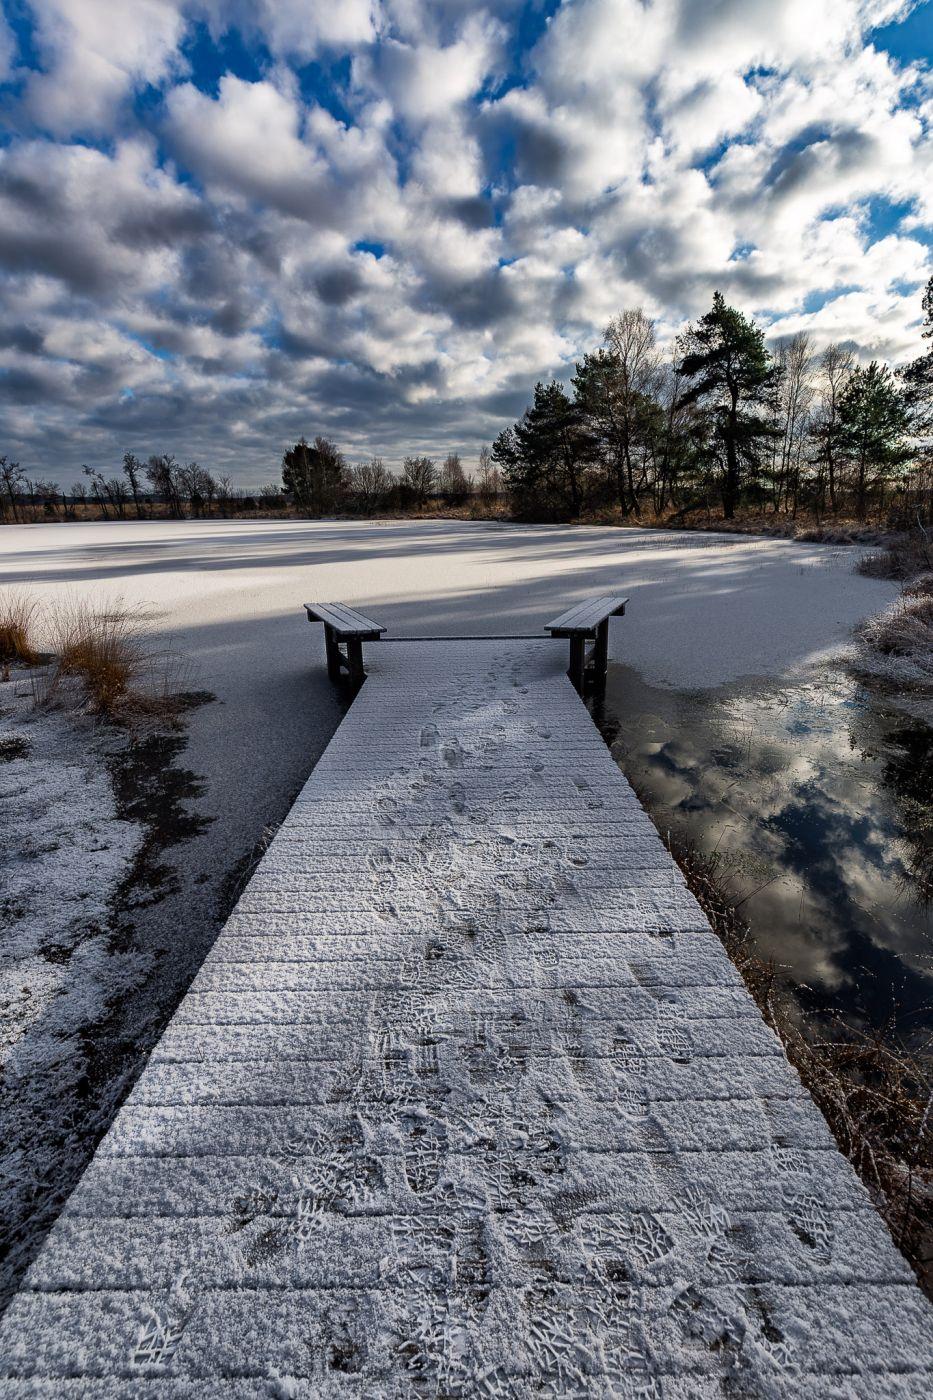 Lake Hoge Veluwe, Netherlands